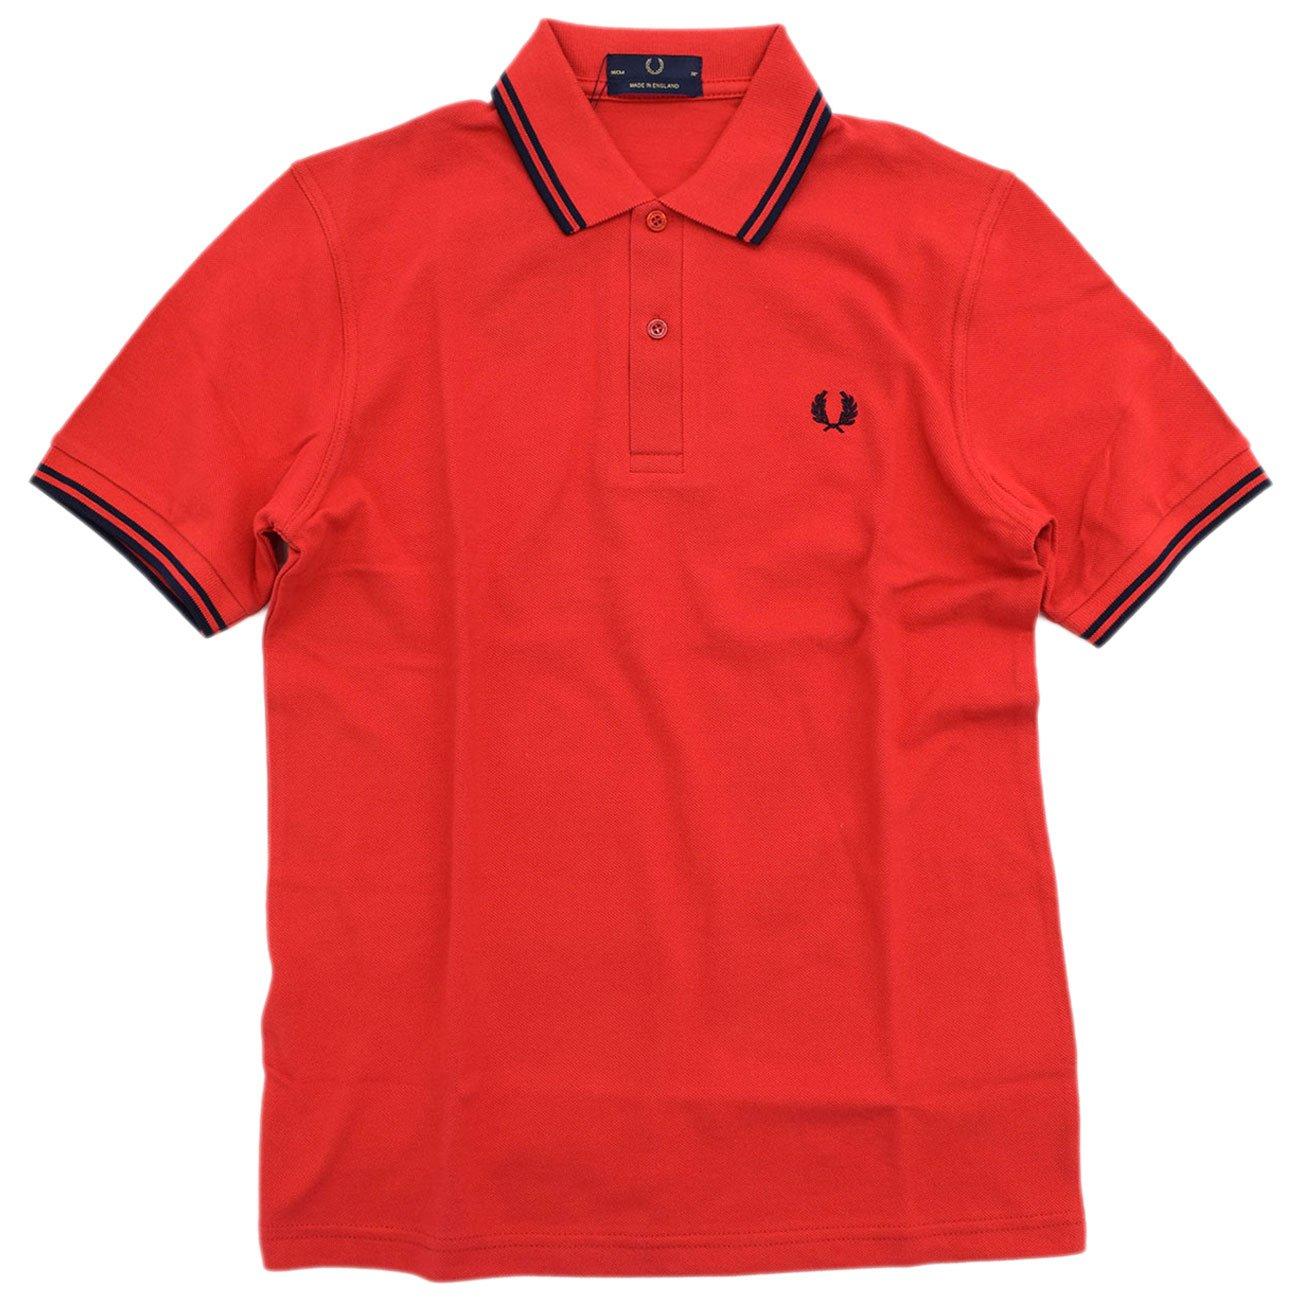 (フレッドペリー) FRED PERRY ポロシャツ ポロ 英国製 半袖 メンズ M12N イングランド B07C4RNV61 42(日本XL)|レッド/ネイビー(853) レッド/ネイビー(853) 42(日本XL)